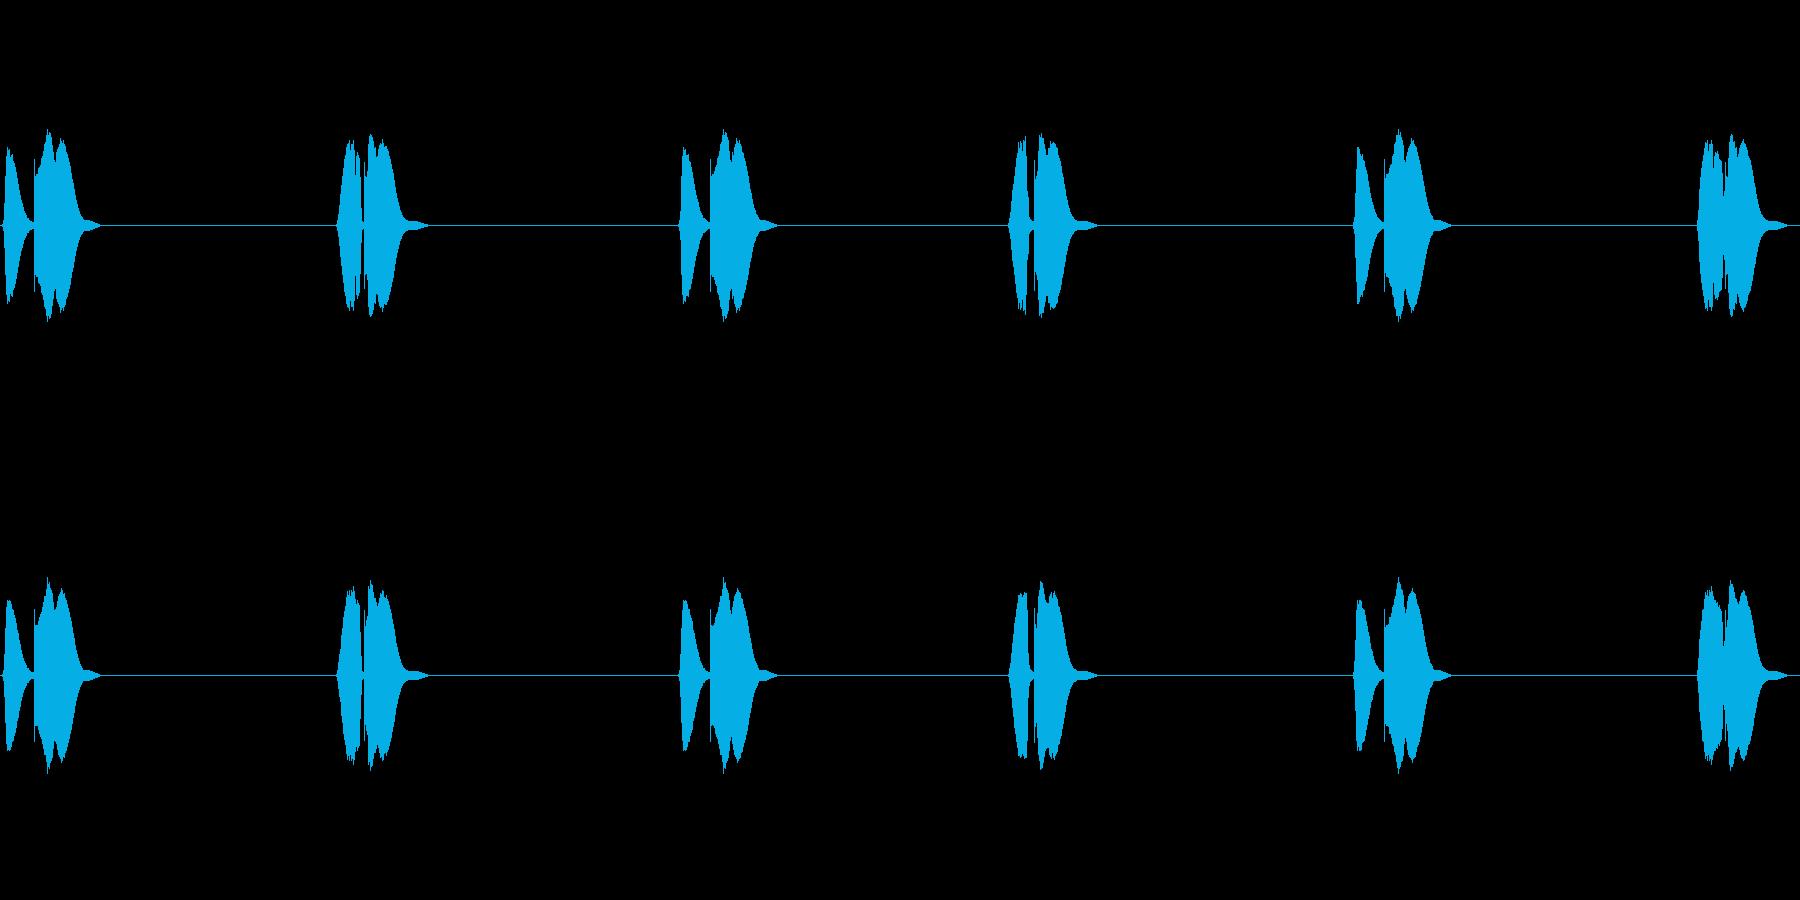 可愛い足音(よちよち歩き)の再生済みの波形